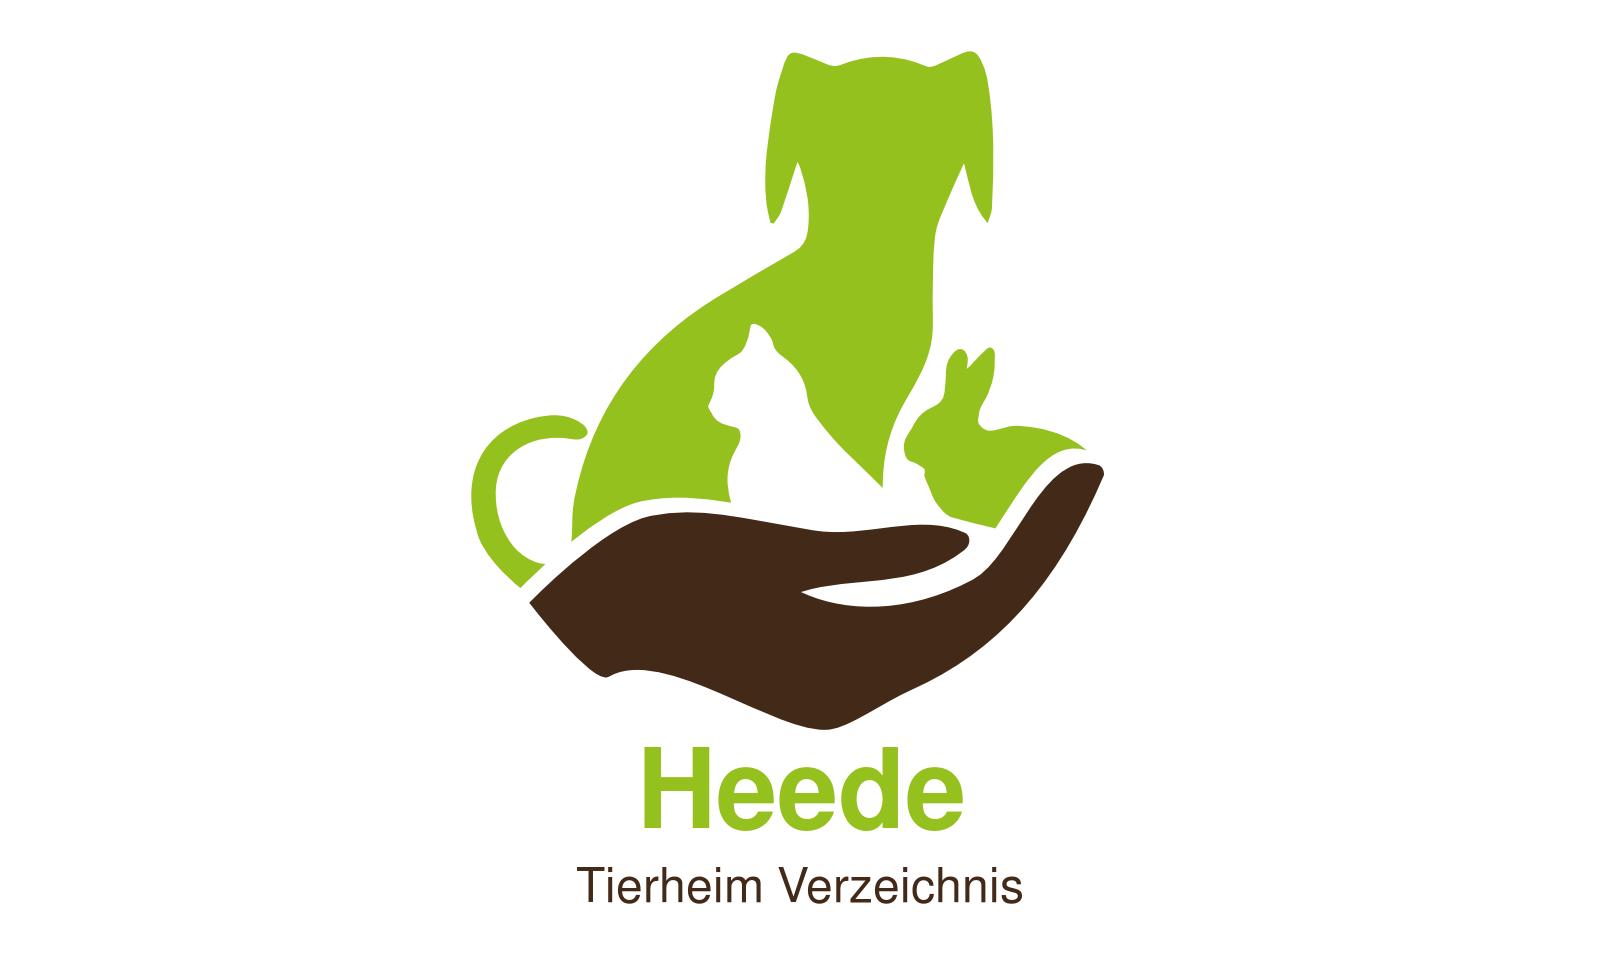 Tierheim Heede